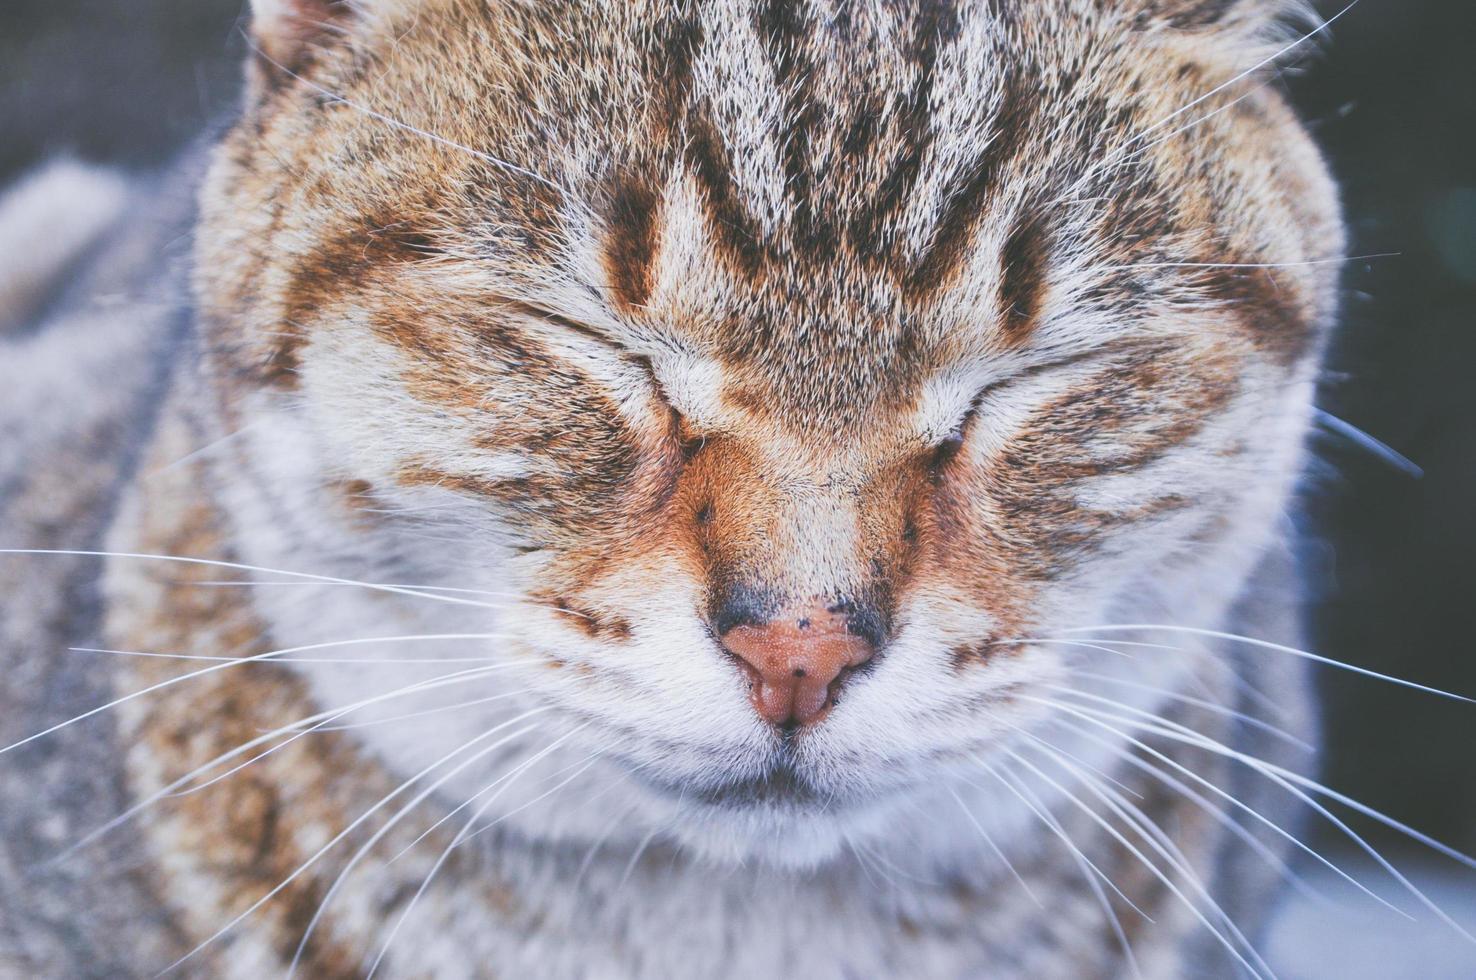 foto del primo piano del gatto bianco e marrone